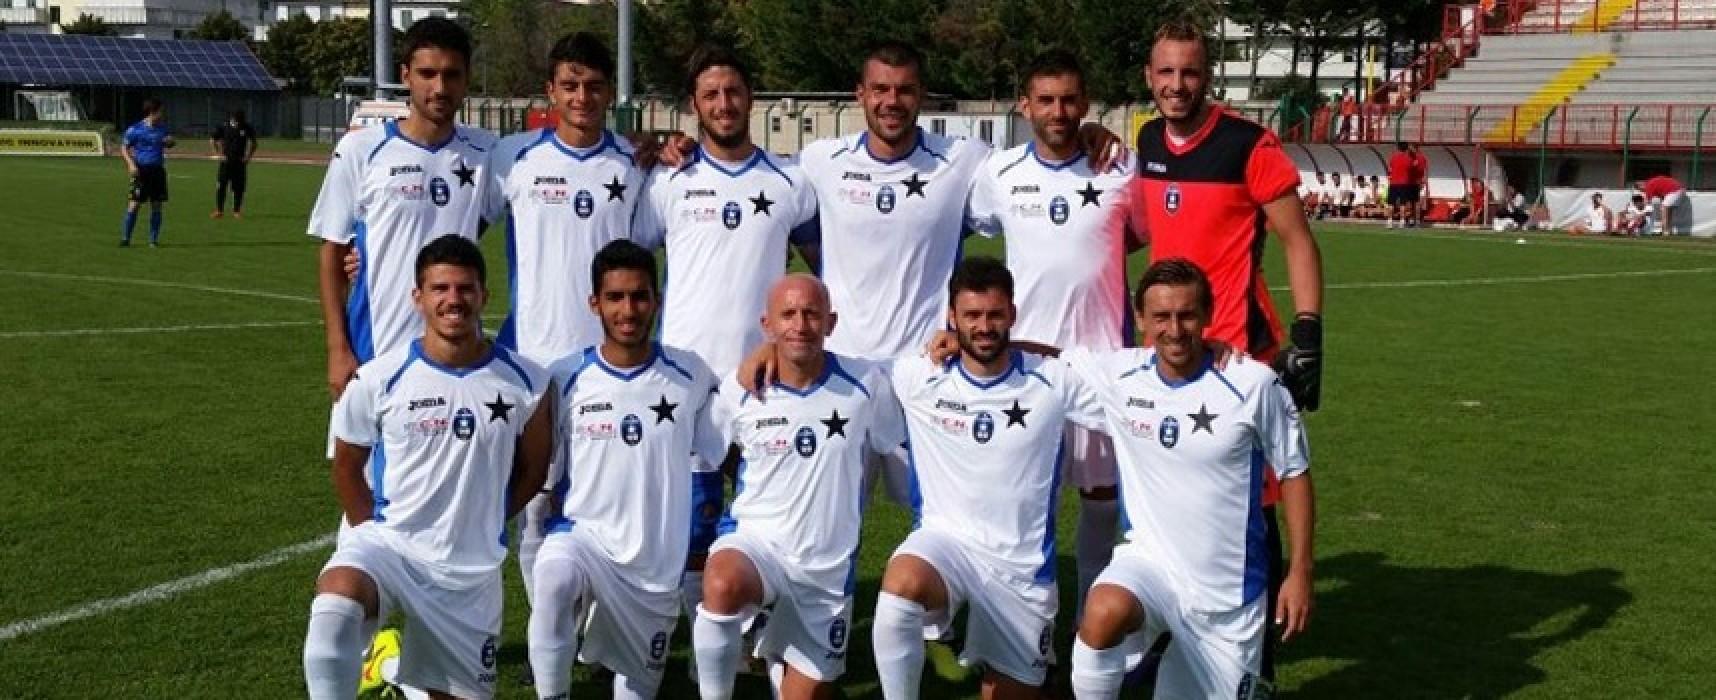 Il Bisceglie vince e convince: 2-0 al Brindisi